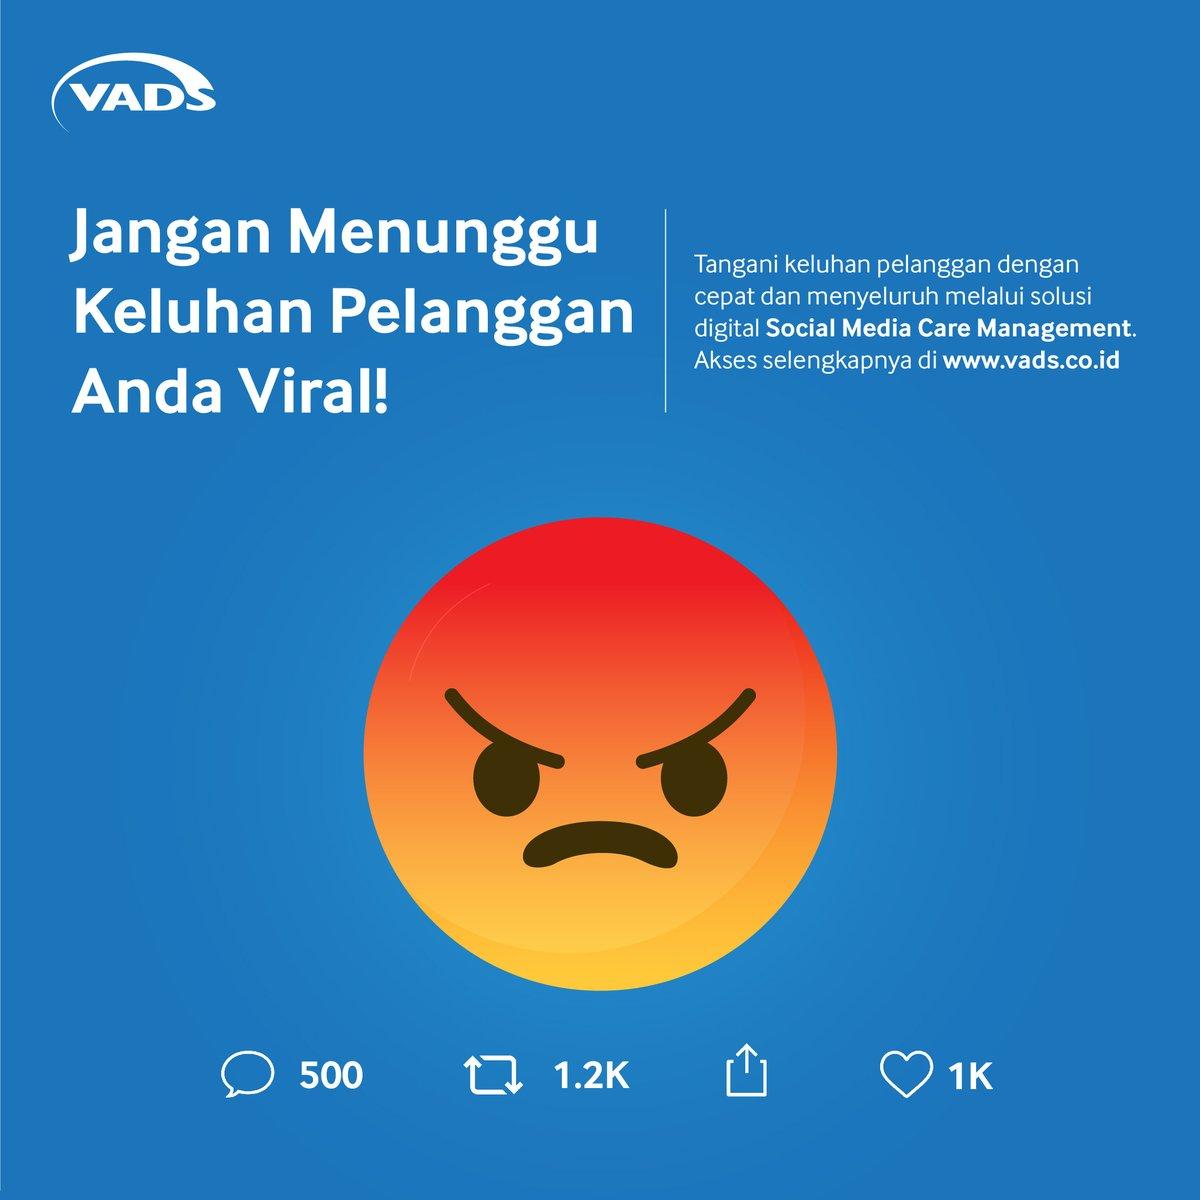 Pt Vads Indonesia On Twitter Segera Tangani Kebutuhan Customer Melalui Channel Social Media Dengan Solusi Social Media Care Management Dari Vads Indonesia Akses Informasi Selengkapnya Terkait Solusi Ini Di Https T Co Pjayj7zjuj Socialmediacare